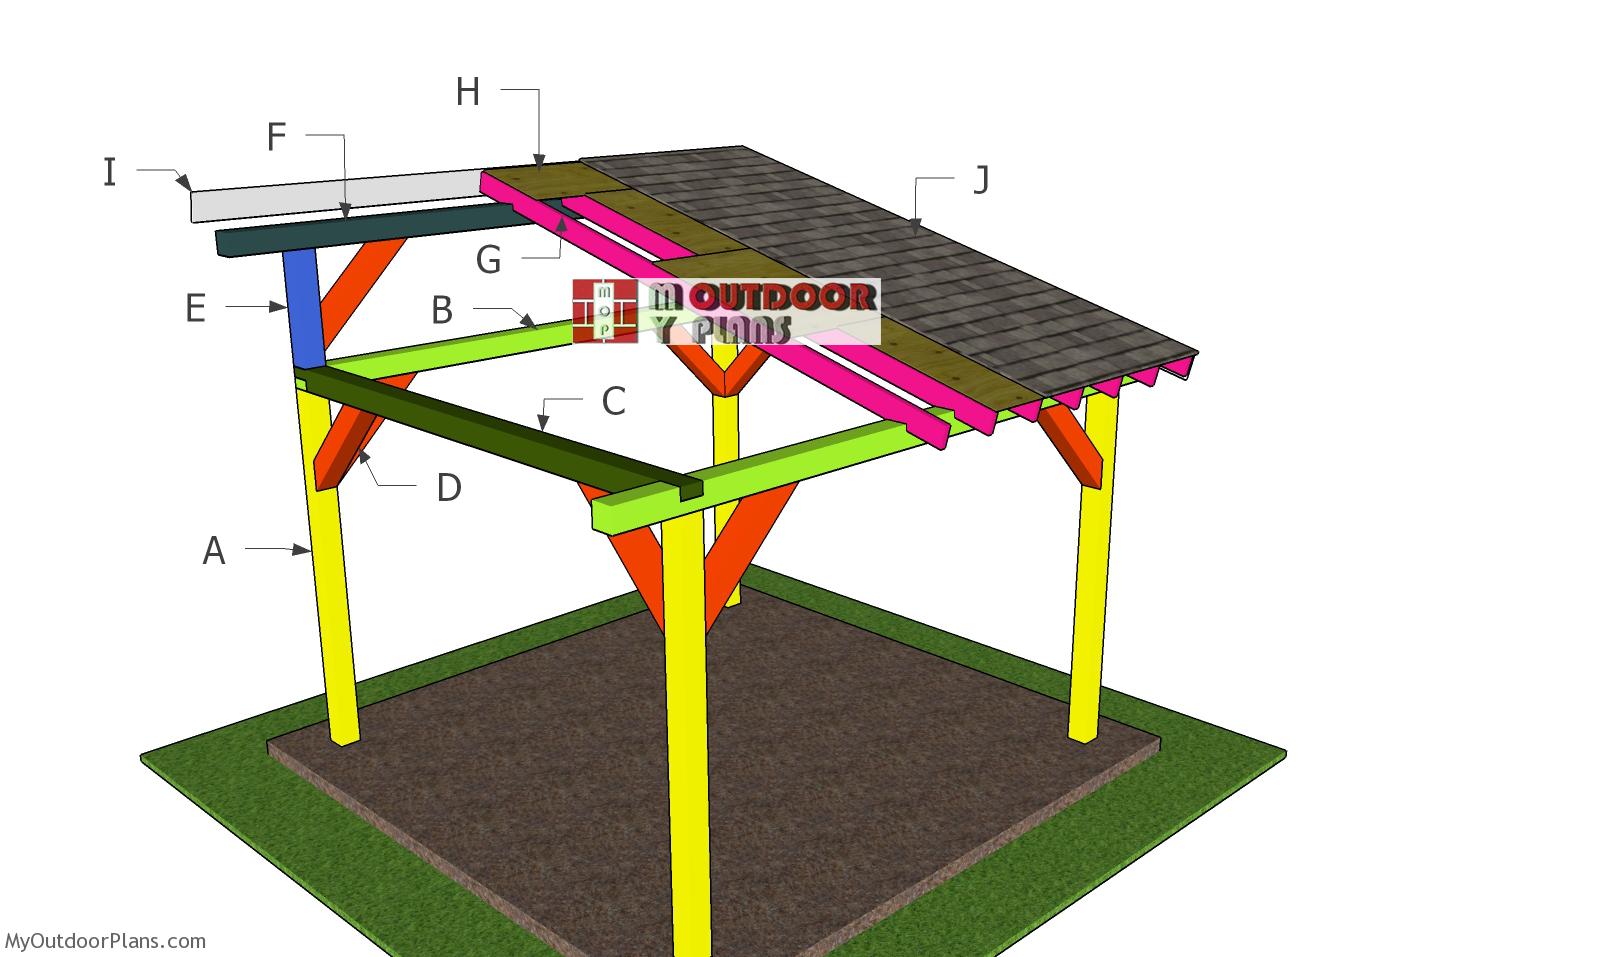 12x12 Lean to Pavilion Roof Plans